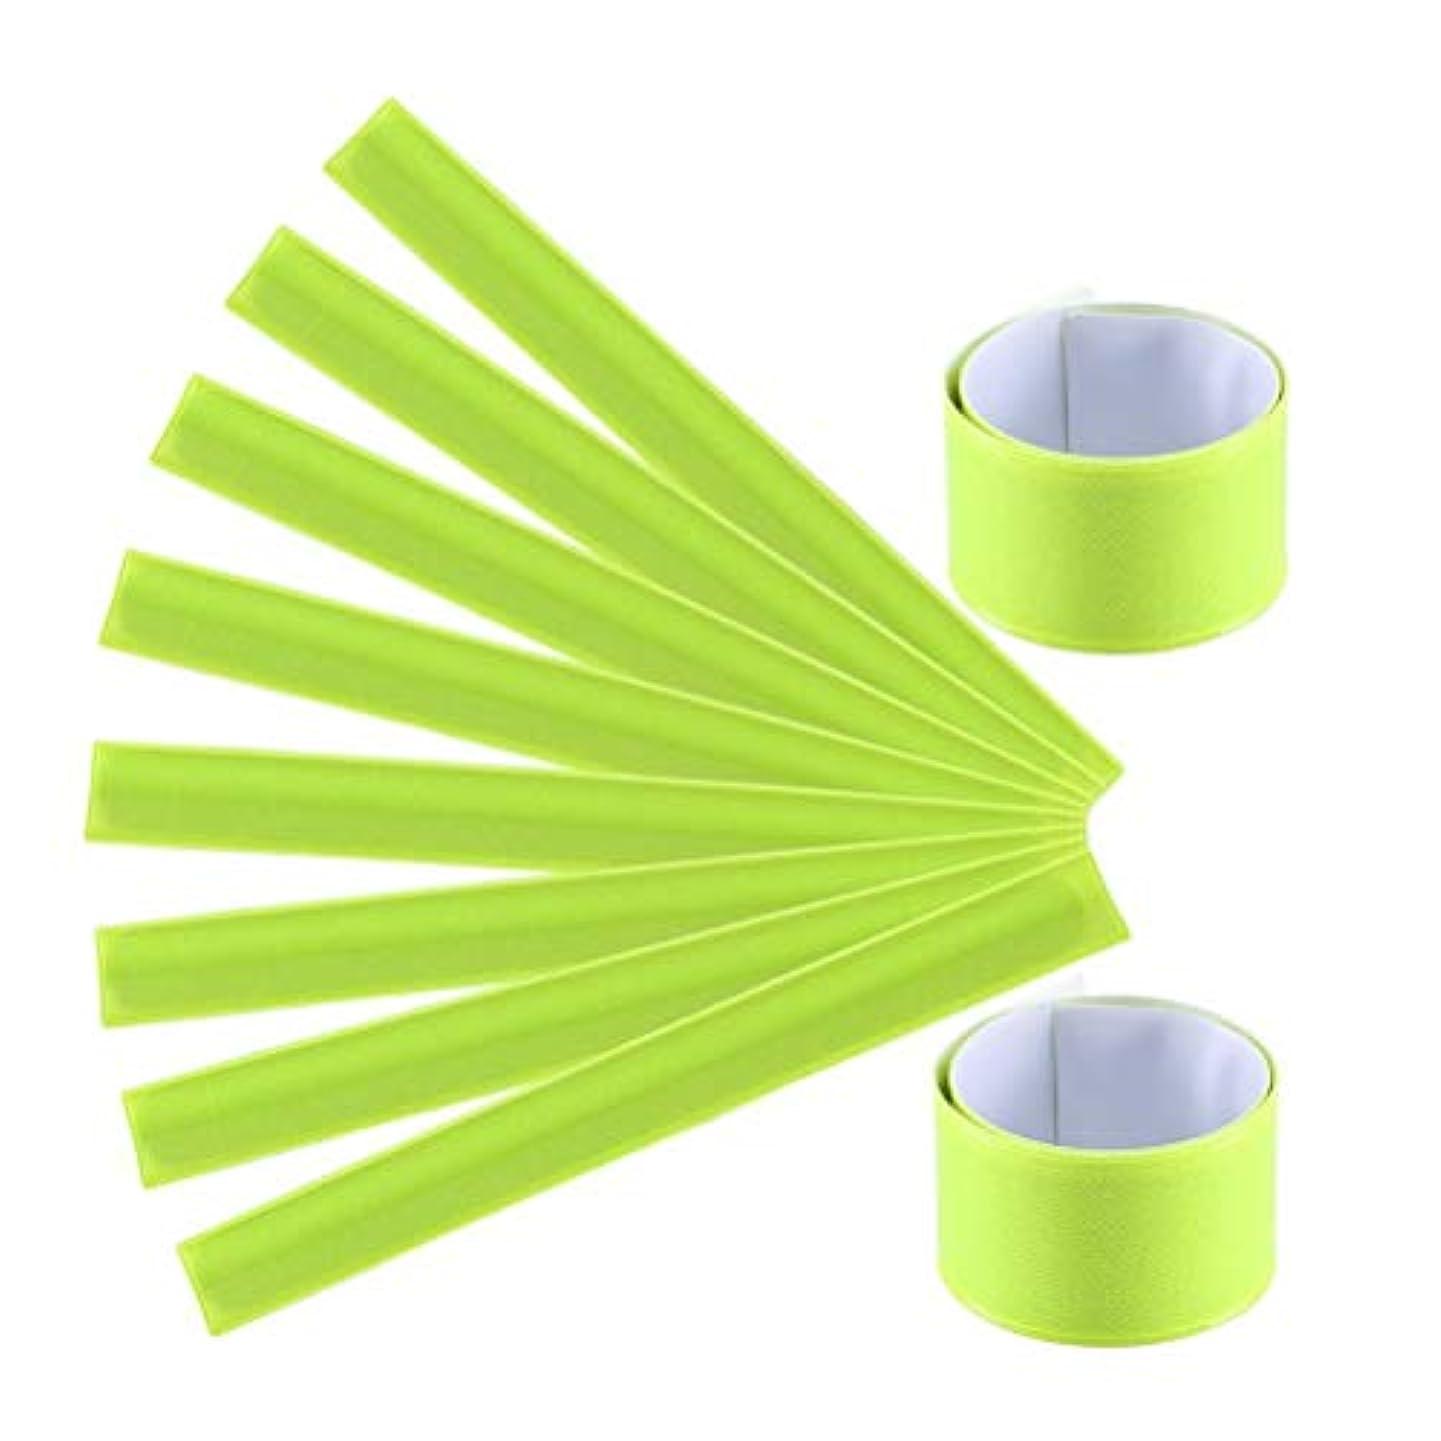 クモ知覚するシチリアLIOOBO 10個PVC手首バンドスラップバンドナイトランニング反射ブレスレットウォーキングハイキングジョギングのための安全なアームバンド(黄色)